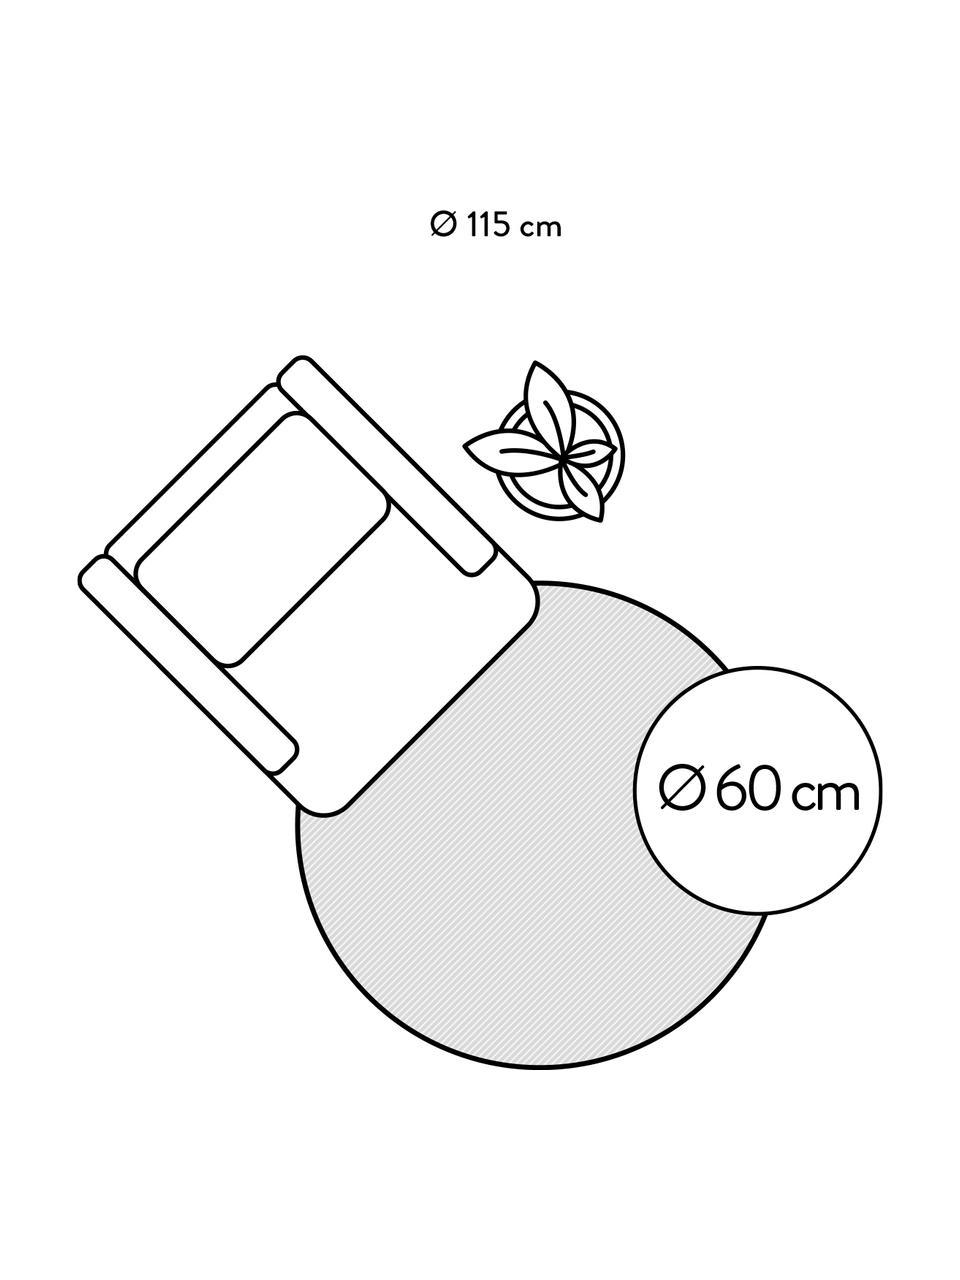 Rond viscose vloerkleed Jane in ivoorkleurig, handgeweven, Bovenzijde: 100% viscose, Onderzijde: 100% katoen, Ivoorkleurig, Ø 200 cm (maat L)